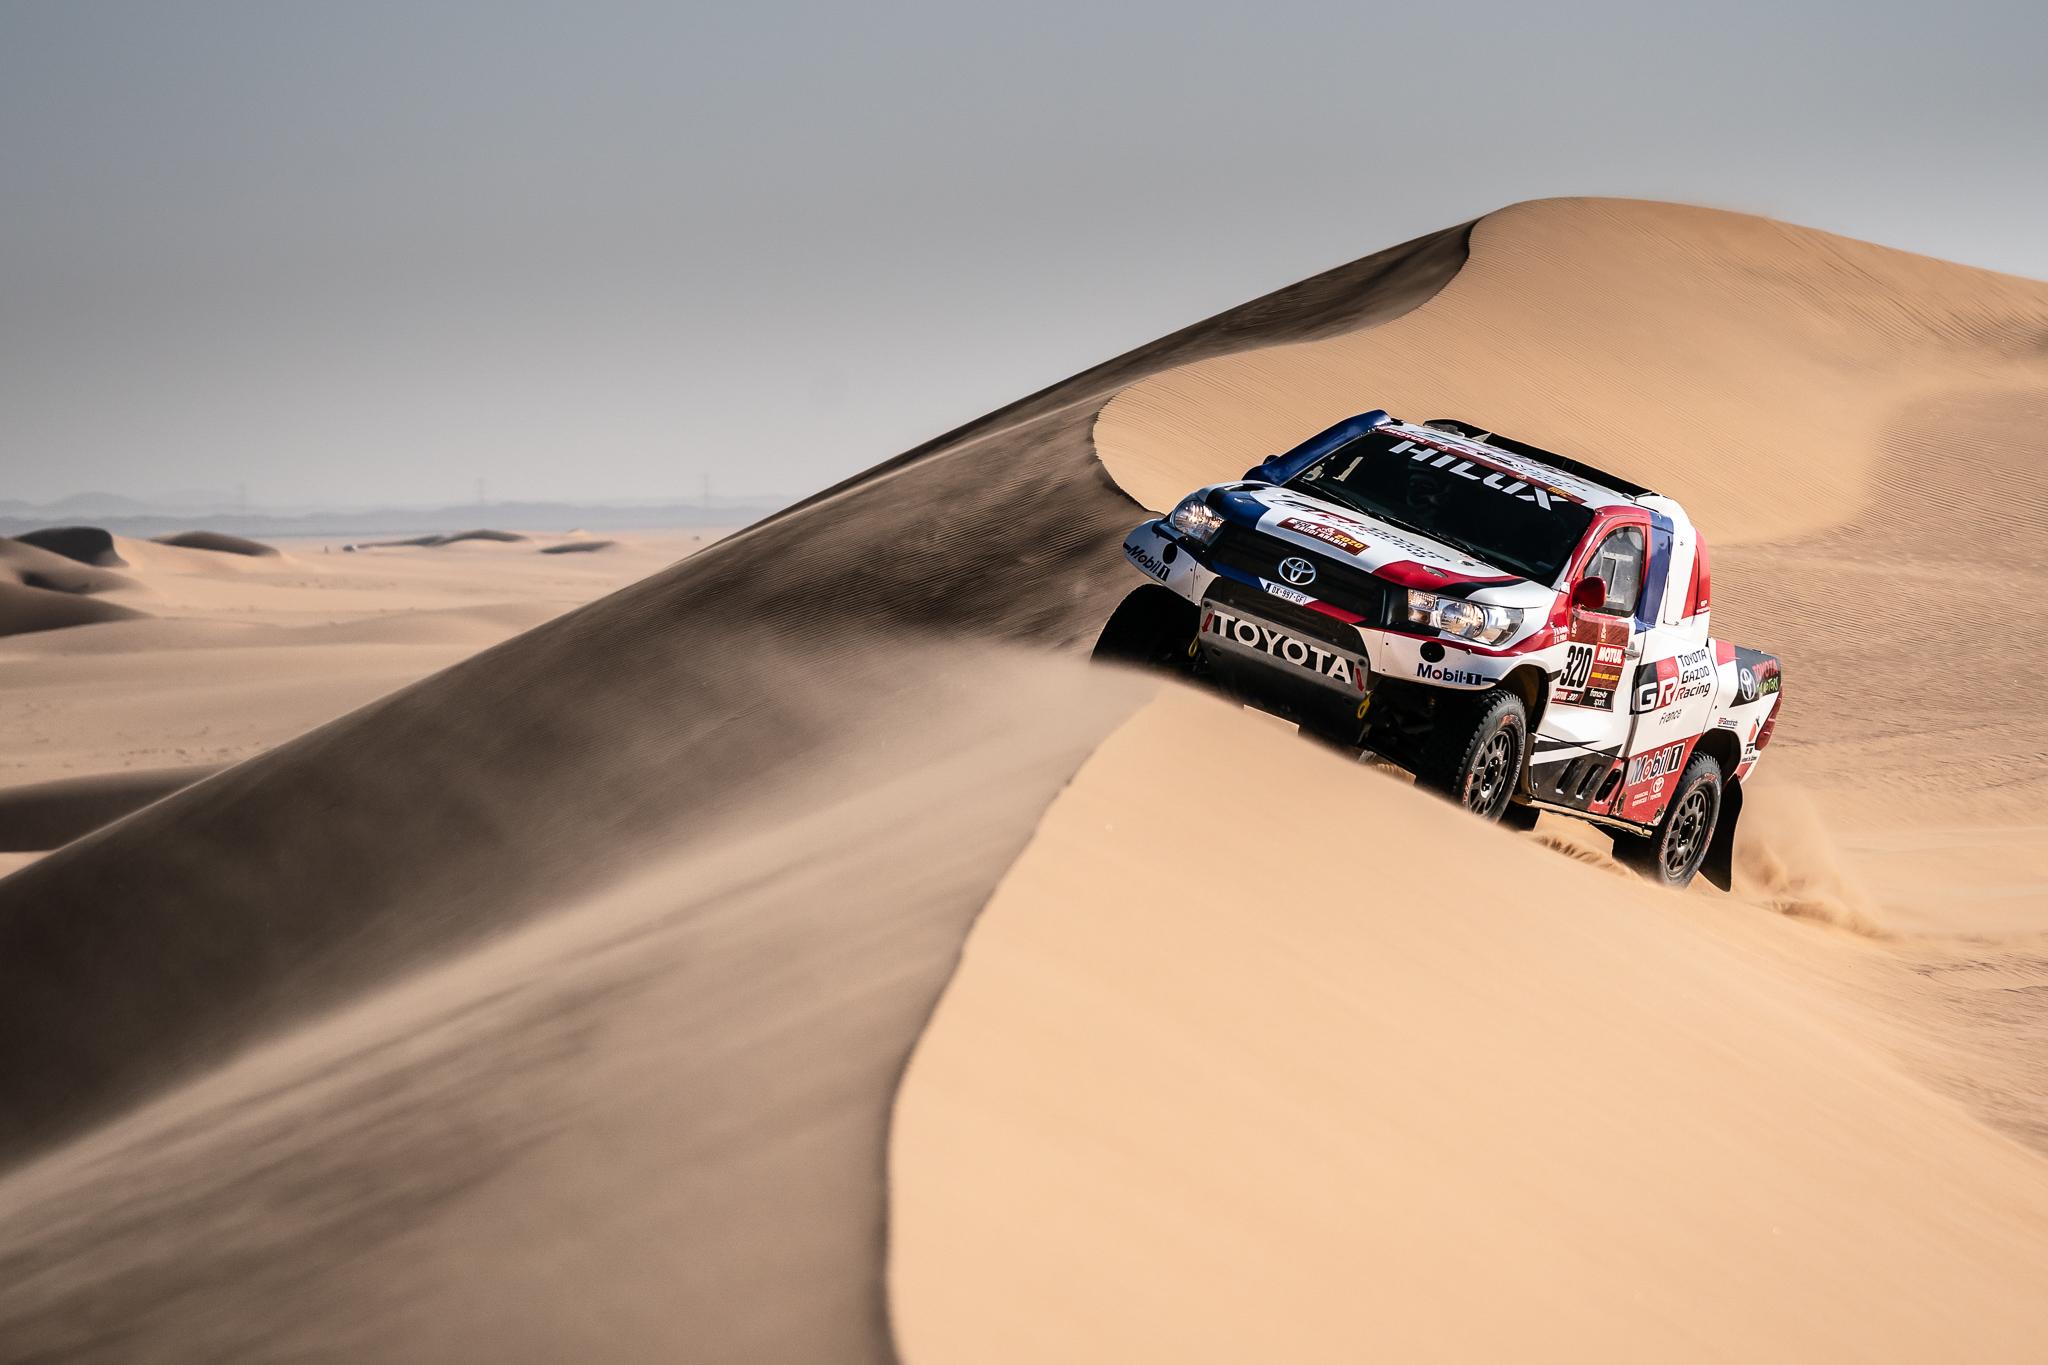 Dakar 2020 – Etape 8 - En pleine poussière !